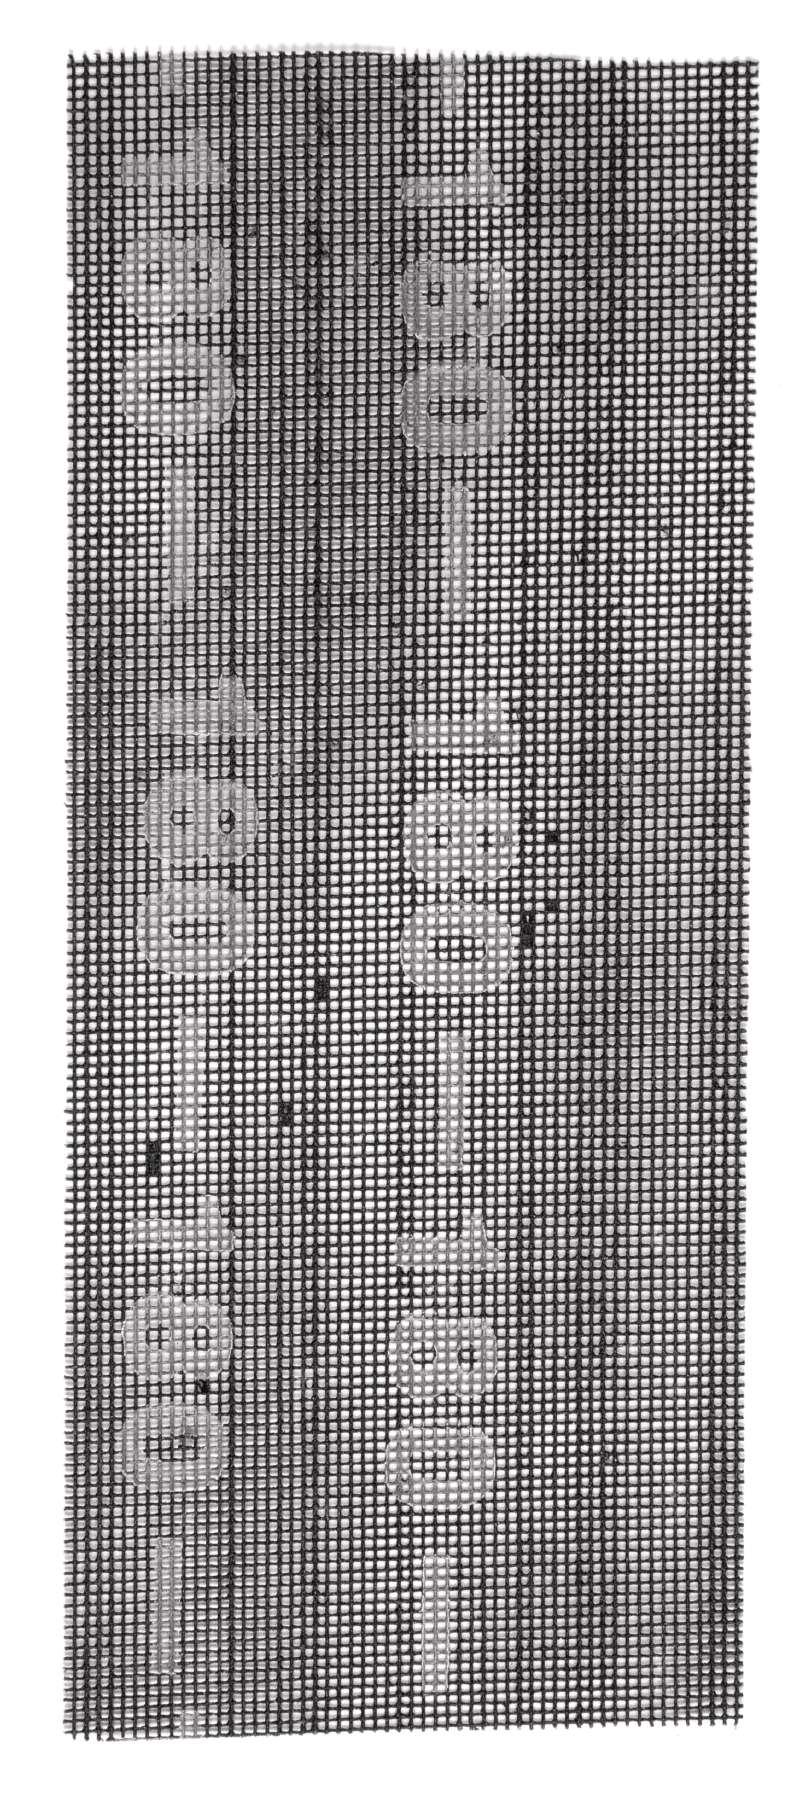 Решётка KwbВспомогательный малярный инструмент<br>Тип: решетка наждачная,<br>Длина (мм): 230,<br>Ширина: 93<br>